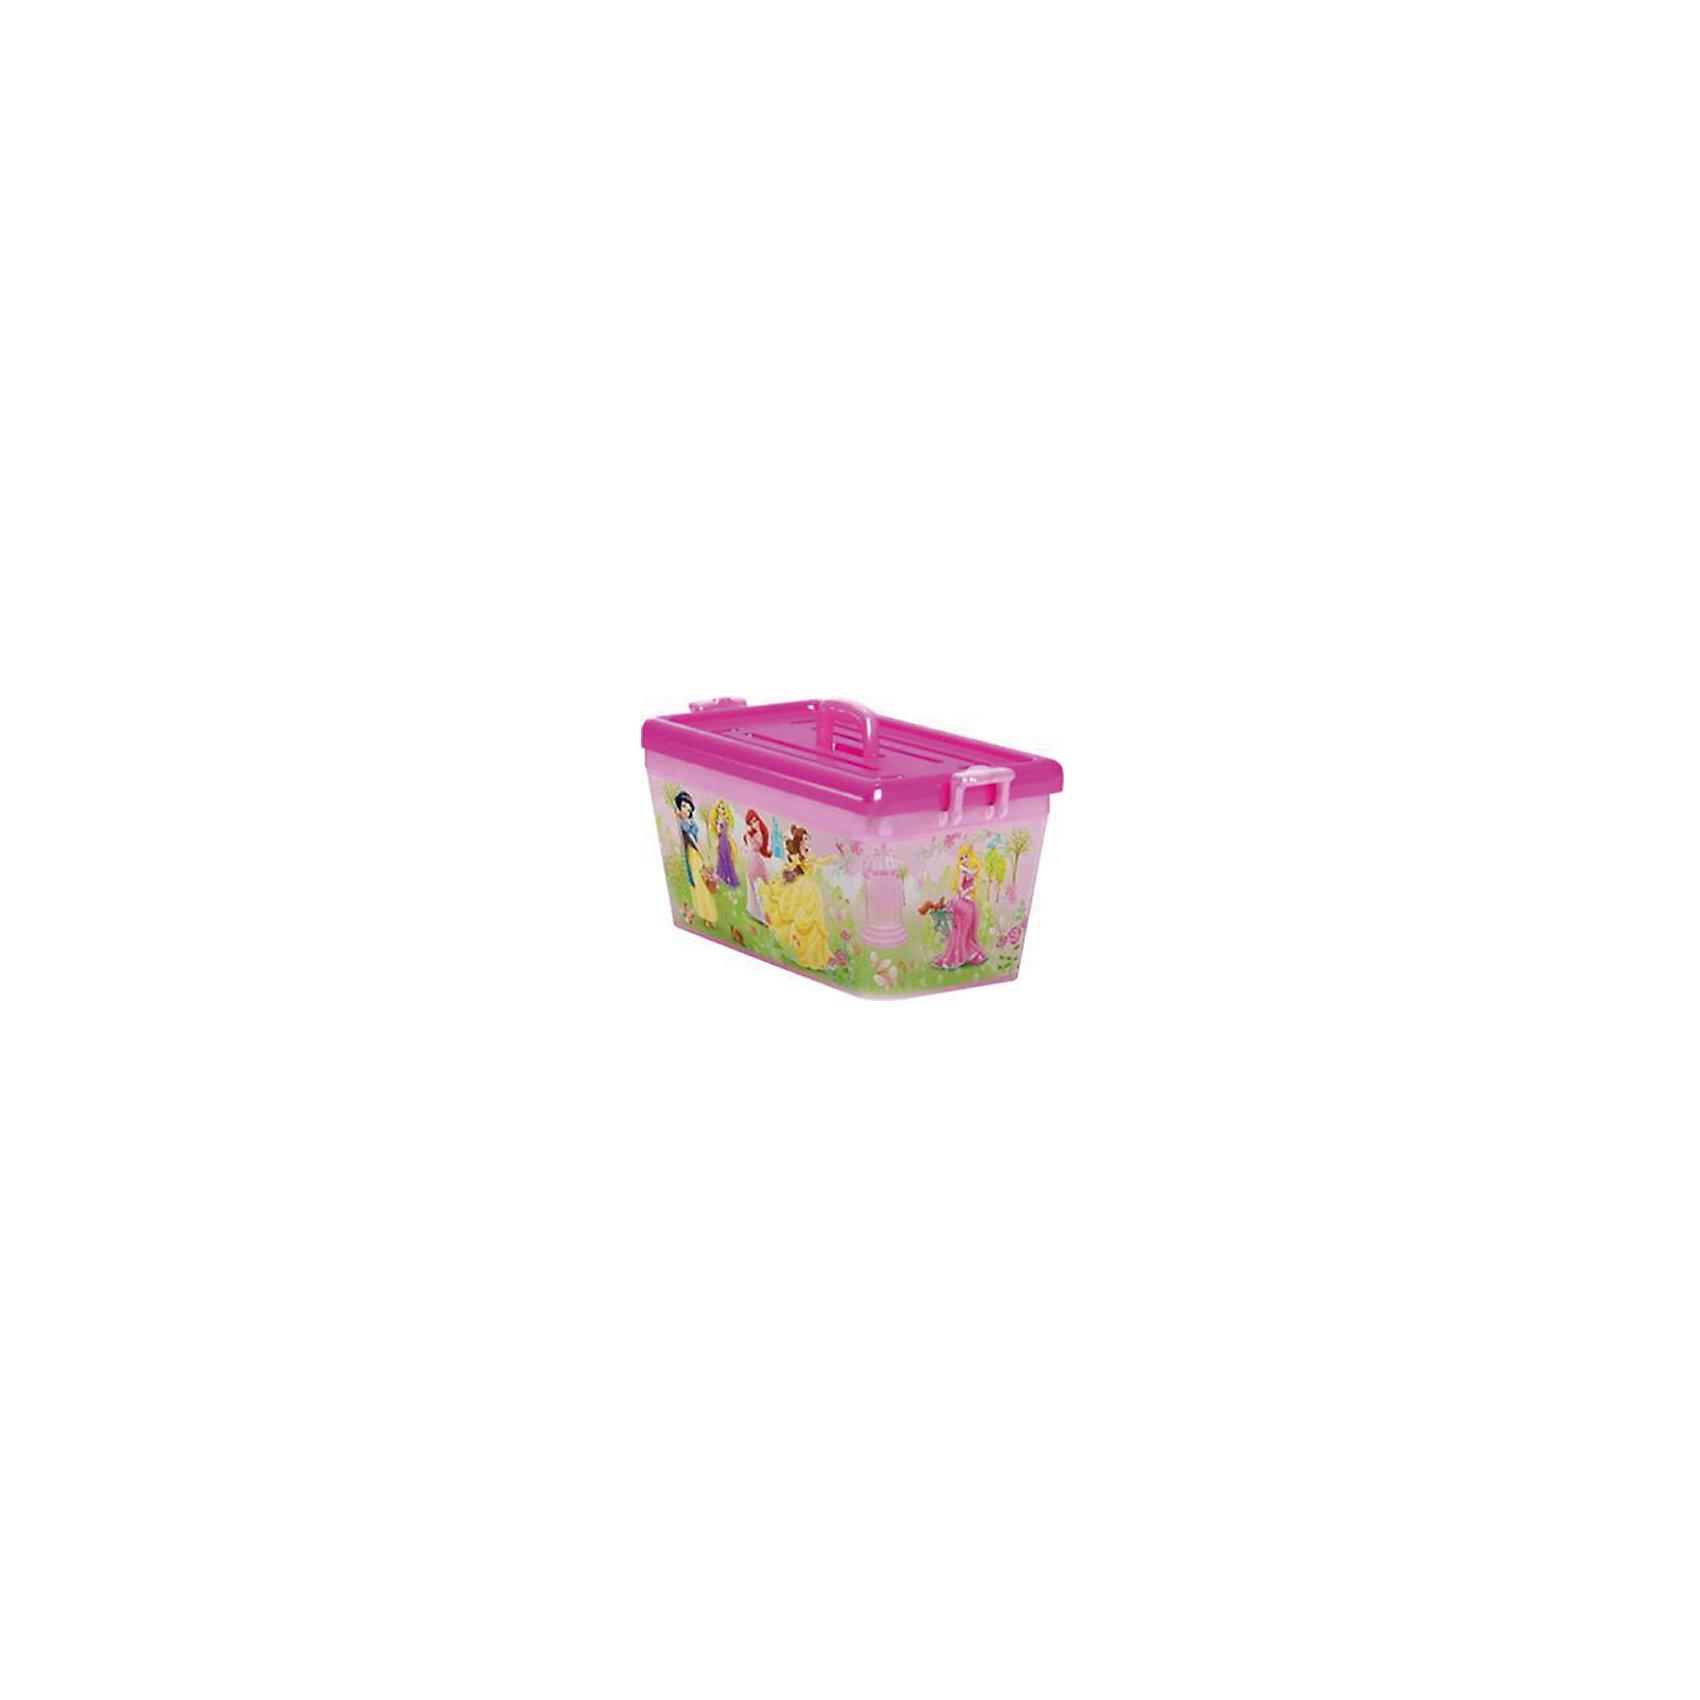 Ящик для игрушек Принцессы, 15 л, розовыйЯркий и удобный ящик с изображениями очаровательных Disney princess (Принцесс Диснея) обязательно понравится девочкам и приучит ребенка к порядку. Ведь убирать вещи и игрушки в такой контейнер - одно удовольствие! Ящик выполнен из высококачественного прочного пластика, плотно закрывается, имеет удобную ручку для переноски. <br><br>Дополнительная информация:<br><br>- Материал: пластик.<br>- Размер: 41,5?27?22 см.<br>- Объем: 15 л.<br>- Удобная ручка наверху. <br><br>Ящик для игрушек Принцессы, 15 л, розовый, можно купить в нашем магазине.<br><br>Ширина мм: 355<br>Глубина мм: 325<br>Высота мм: 190<br>Вес г: 280<br>Возраст от месяцев: 12<br>Возраст до месяцев: 120<br>Пол: Унисекс<br>Возраст: Детский<br>SKU: 4718448